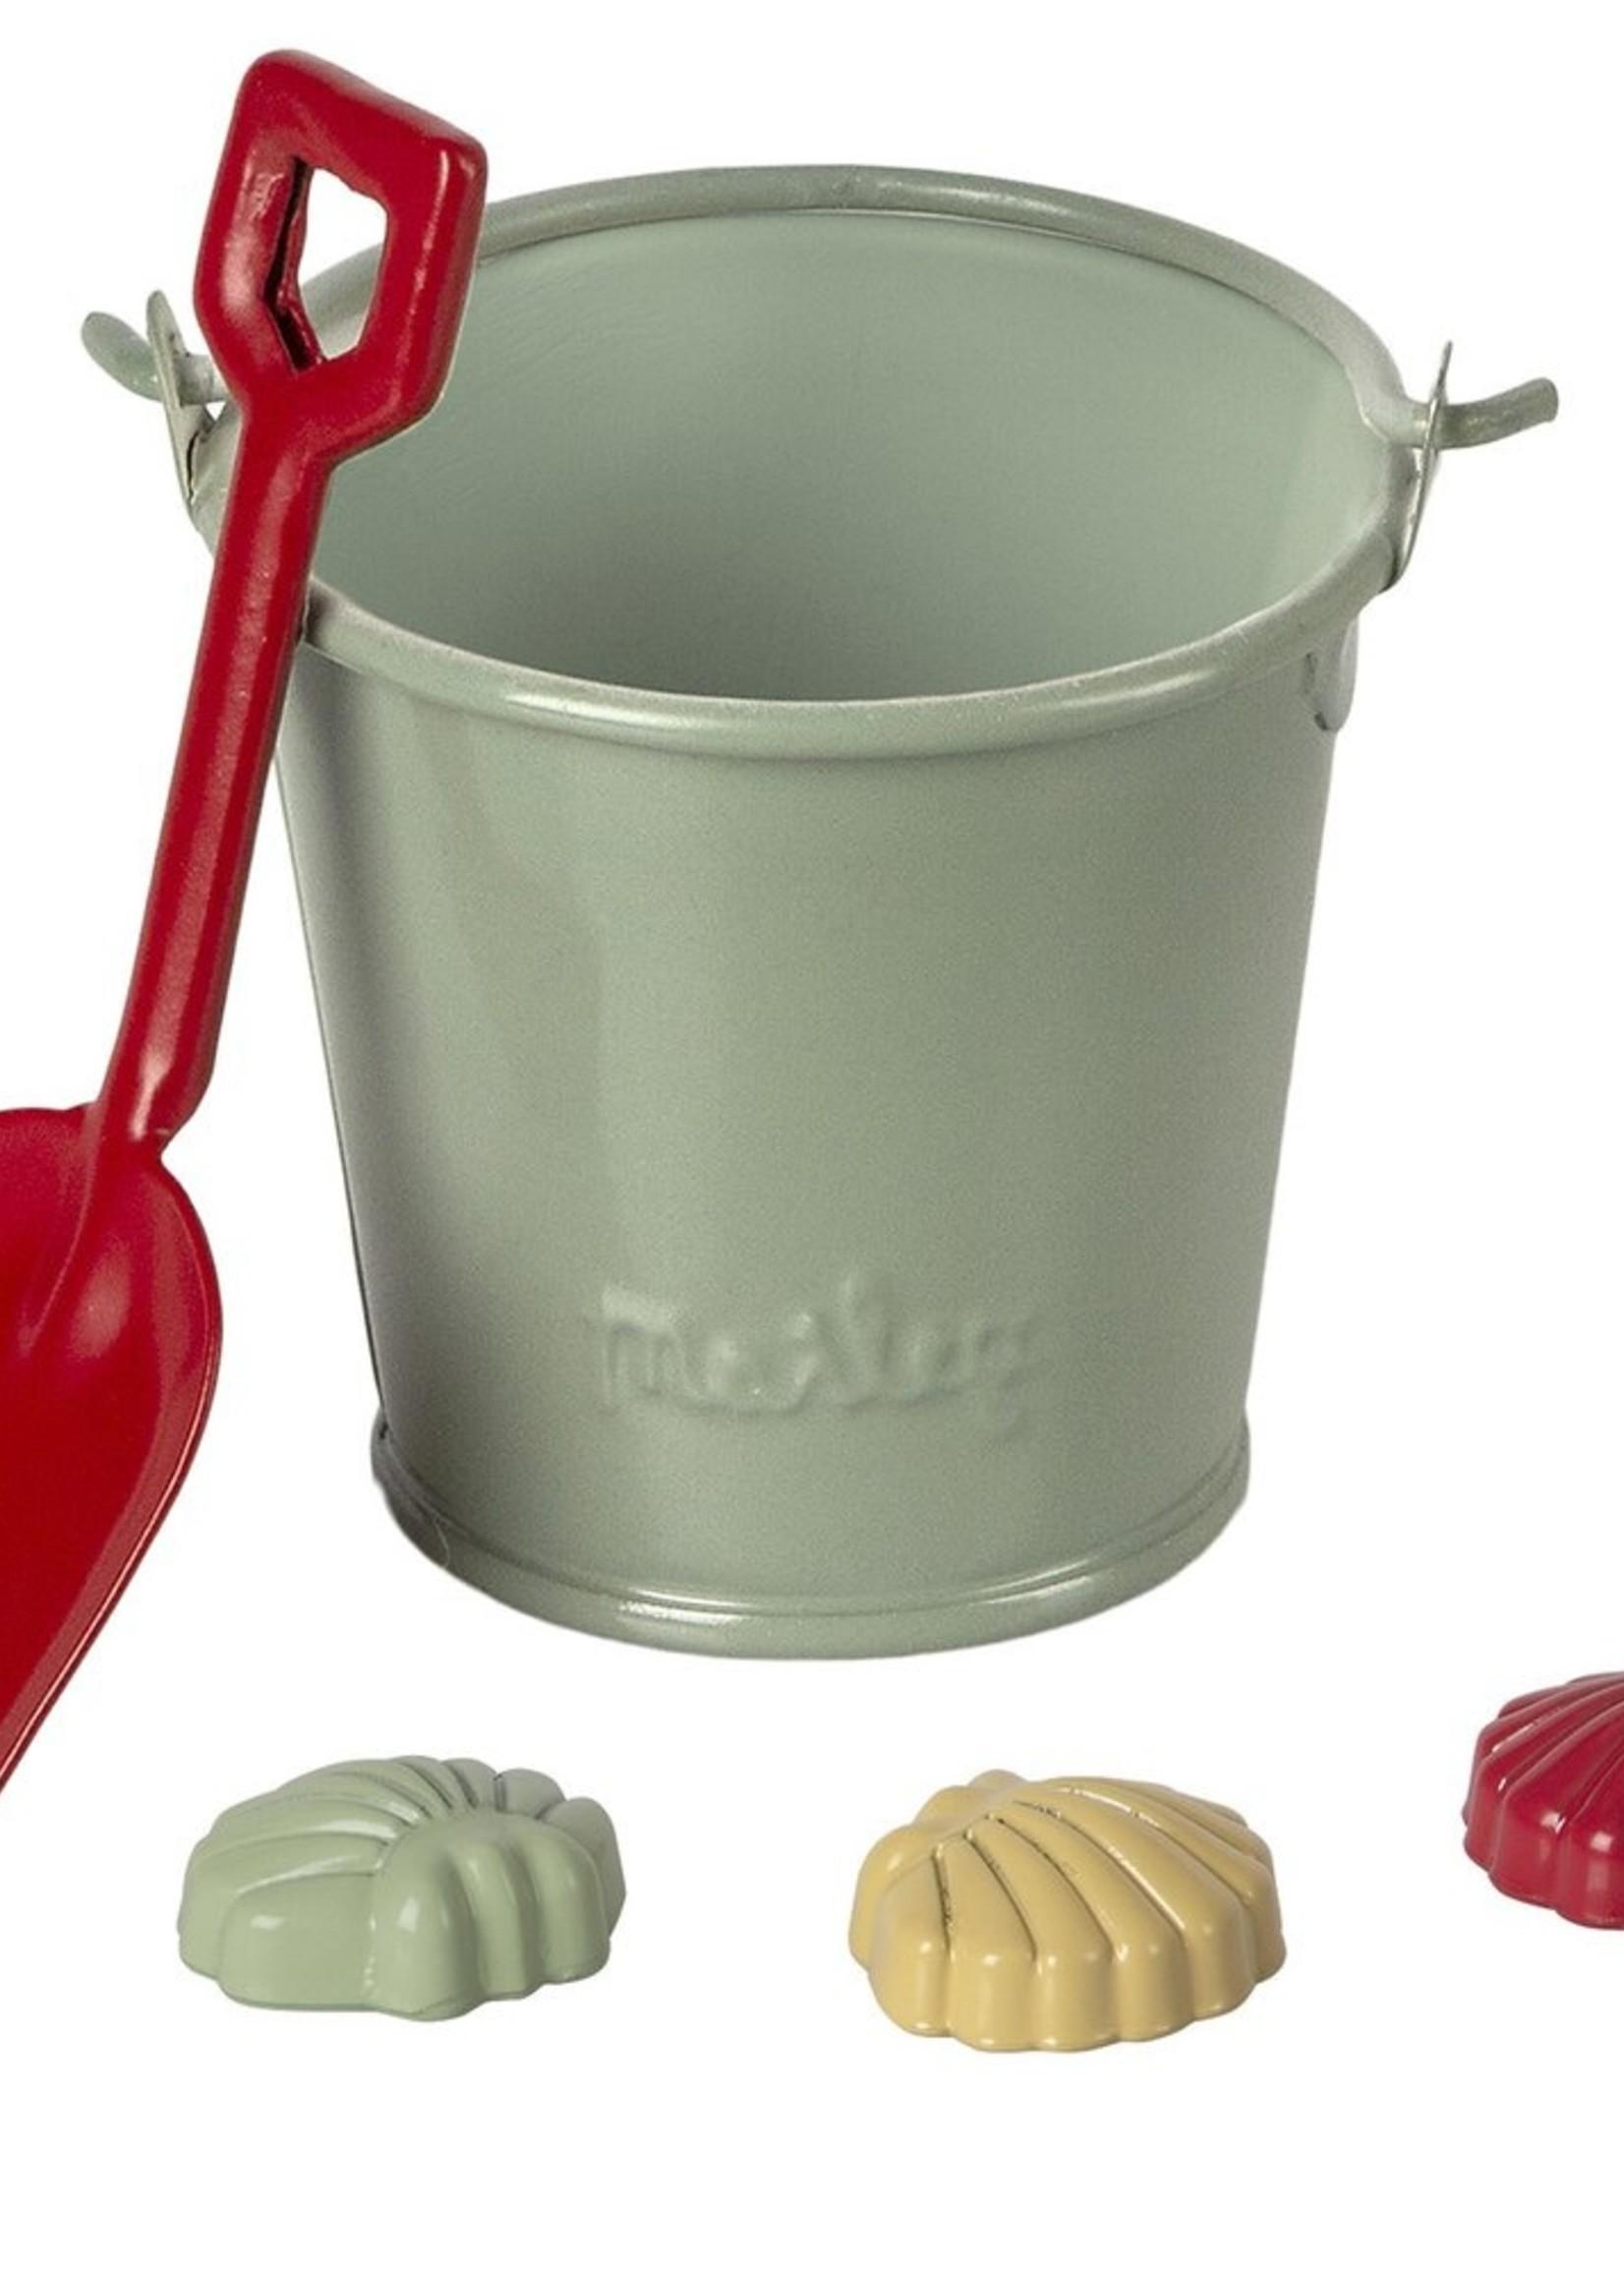 maileg Beach set, shovel, bucket, & shells